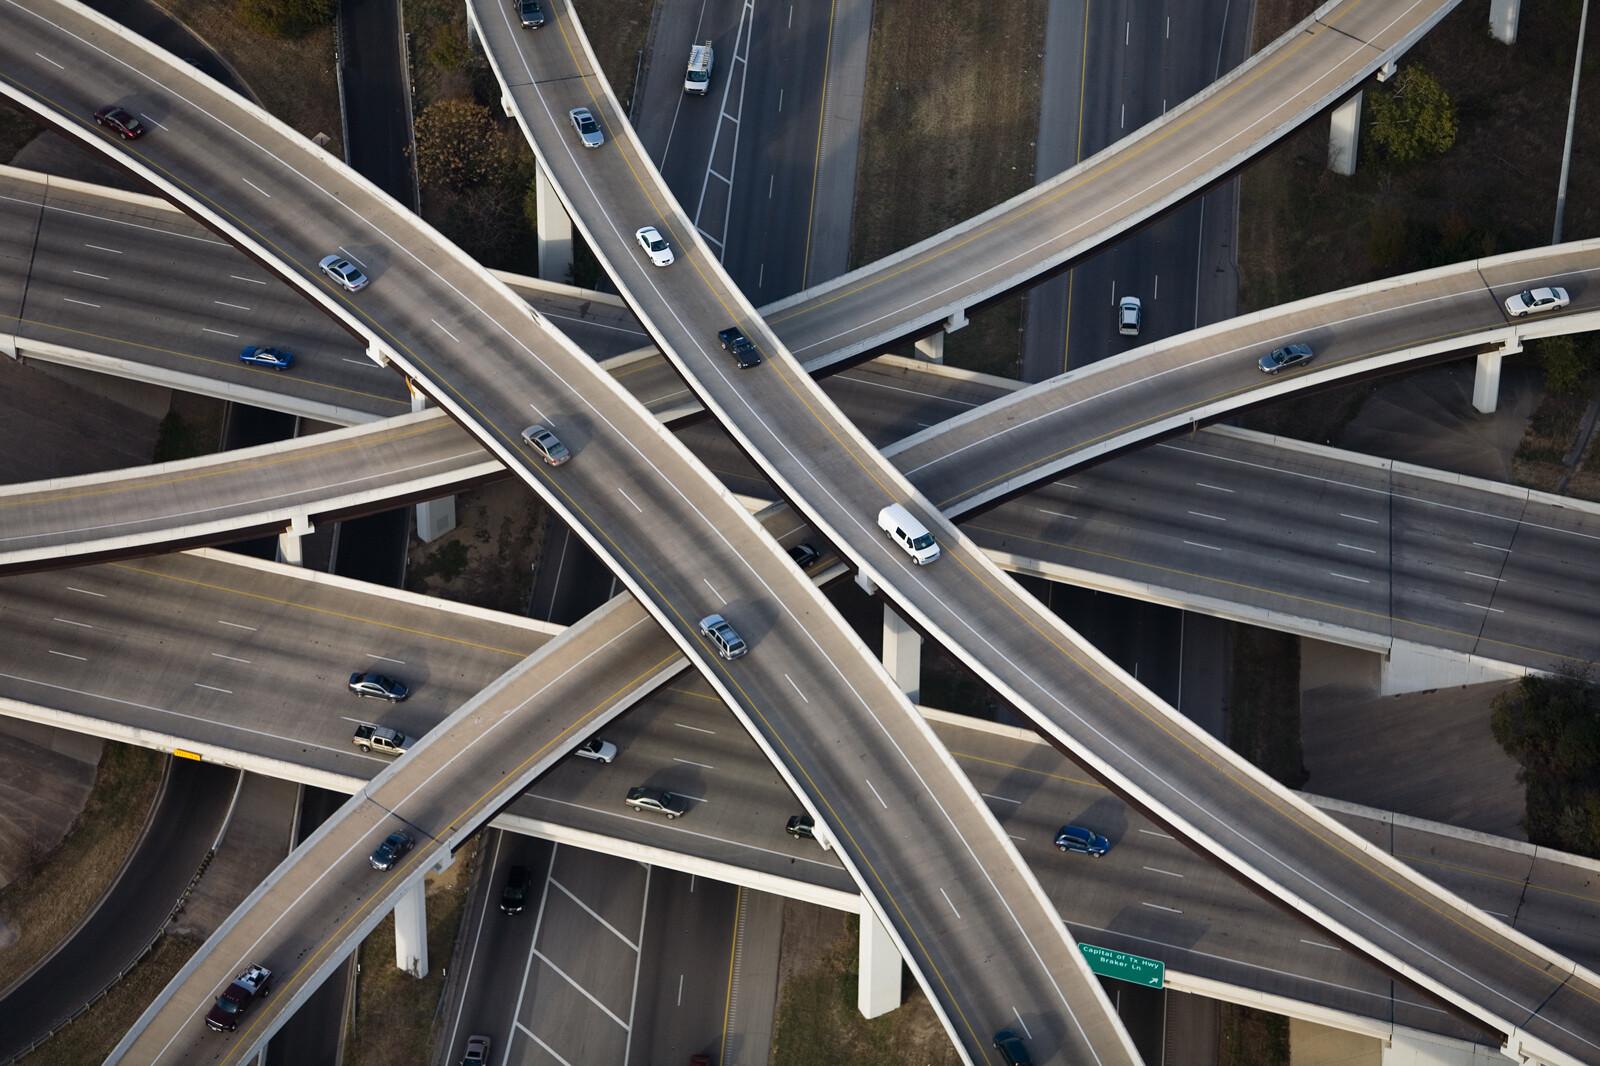 Inverted Cloverleaf interchange RT1 and RT183, Austin, Texas - Alex Maclean